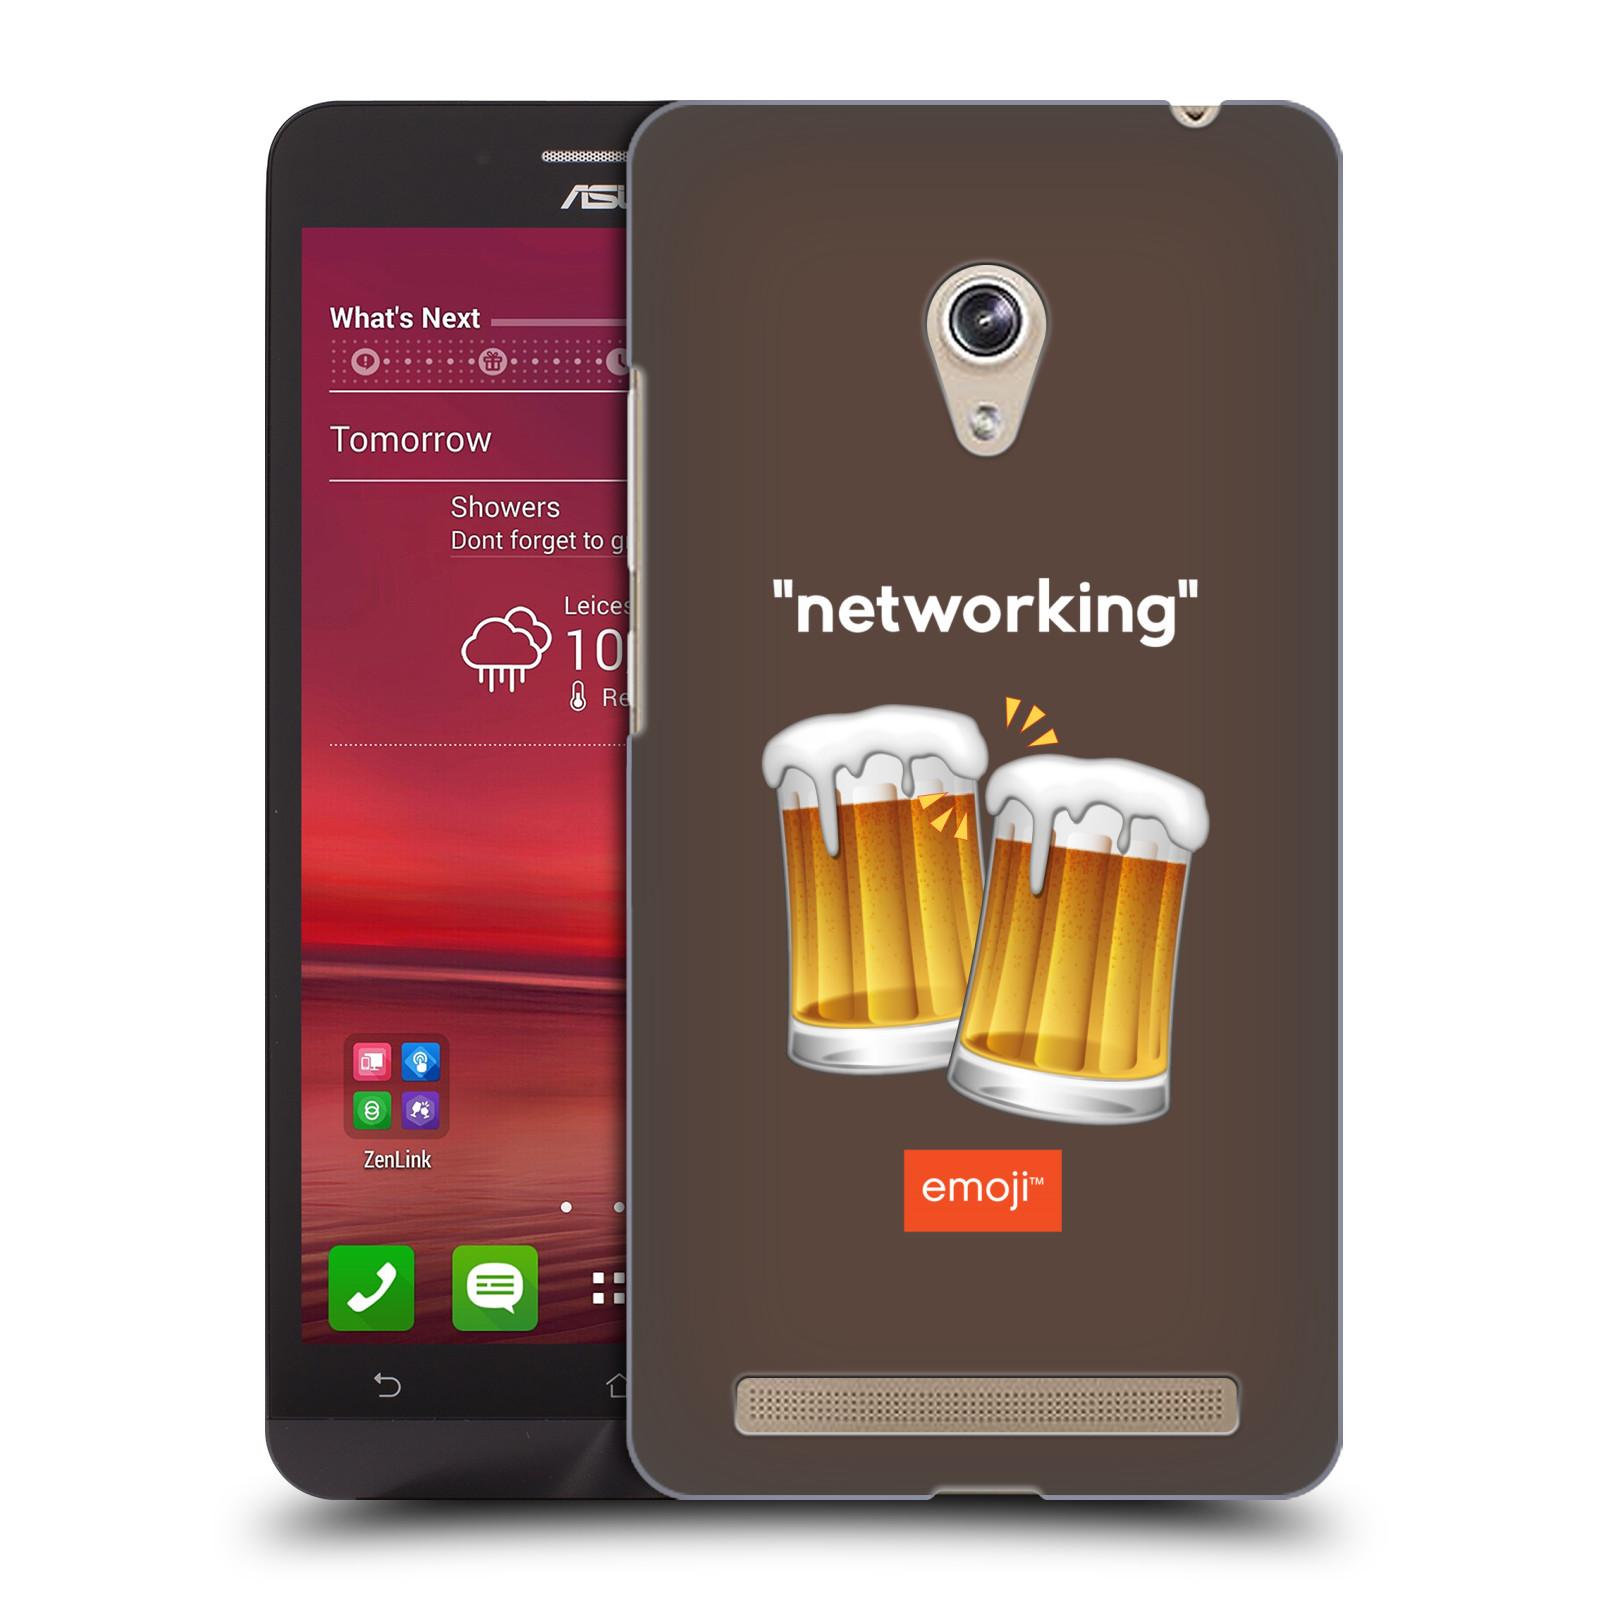 Plastové pouzdro na mobil Asus Zenfone 6 HEAD CASE EMOJI - Pivní networking (Kryt či obal s oficiálním motivem EMOJI na mobilní telefon Asus Zenfone 6 A600CG / A601CG)